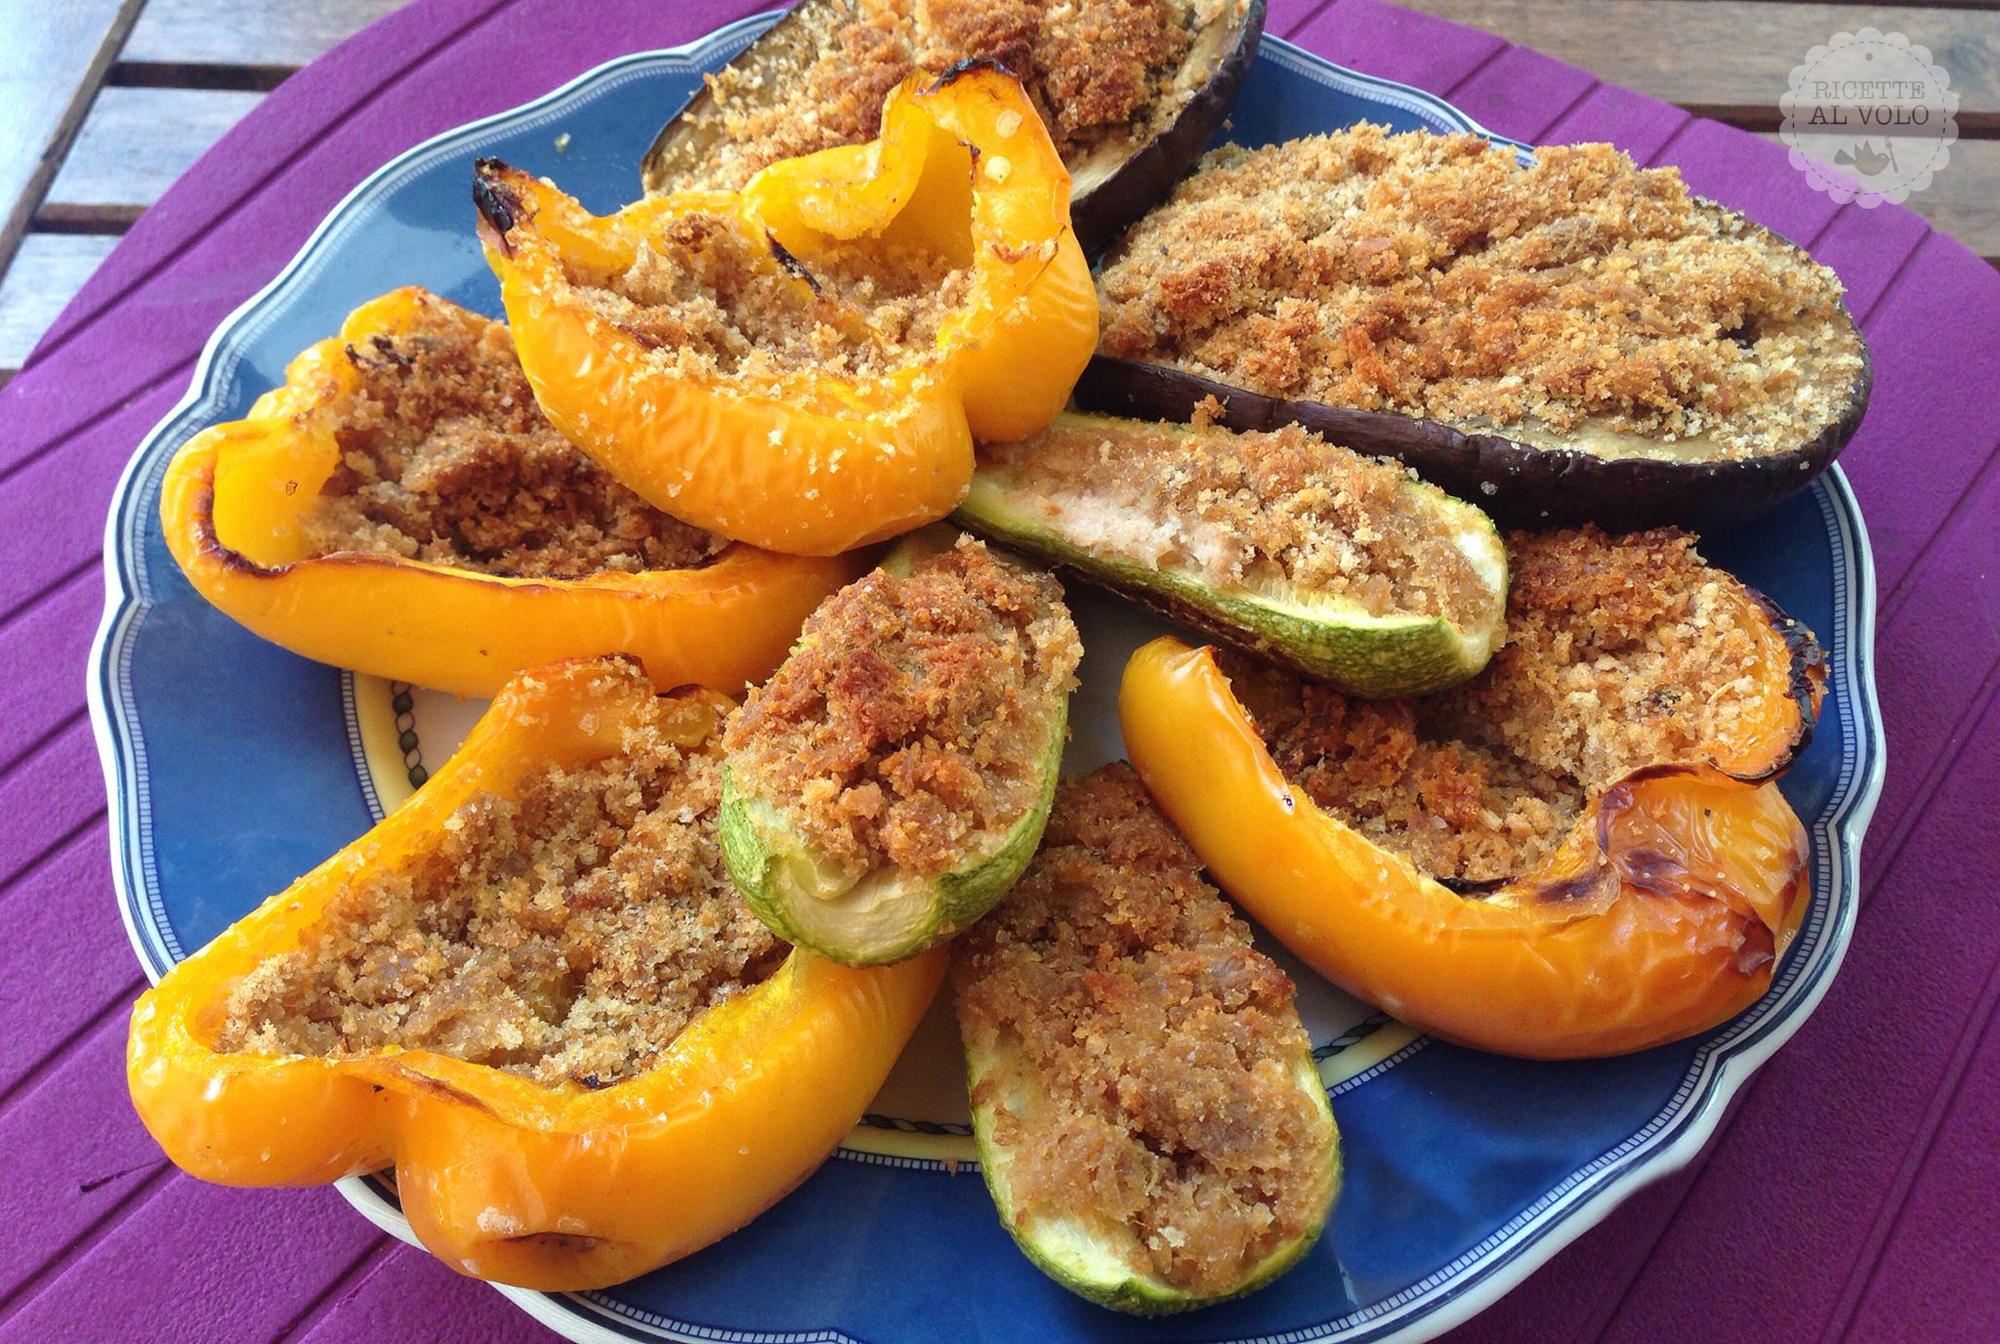 Verdure al forno gratinate ripiene di tonno ricette al volo for Ricette di verdure